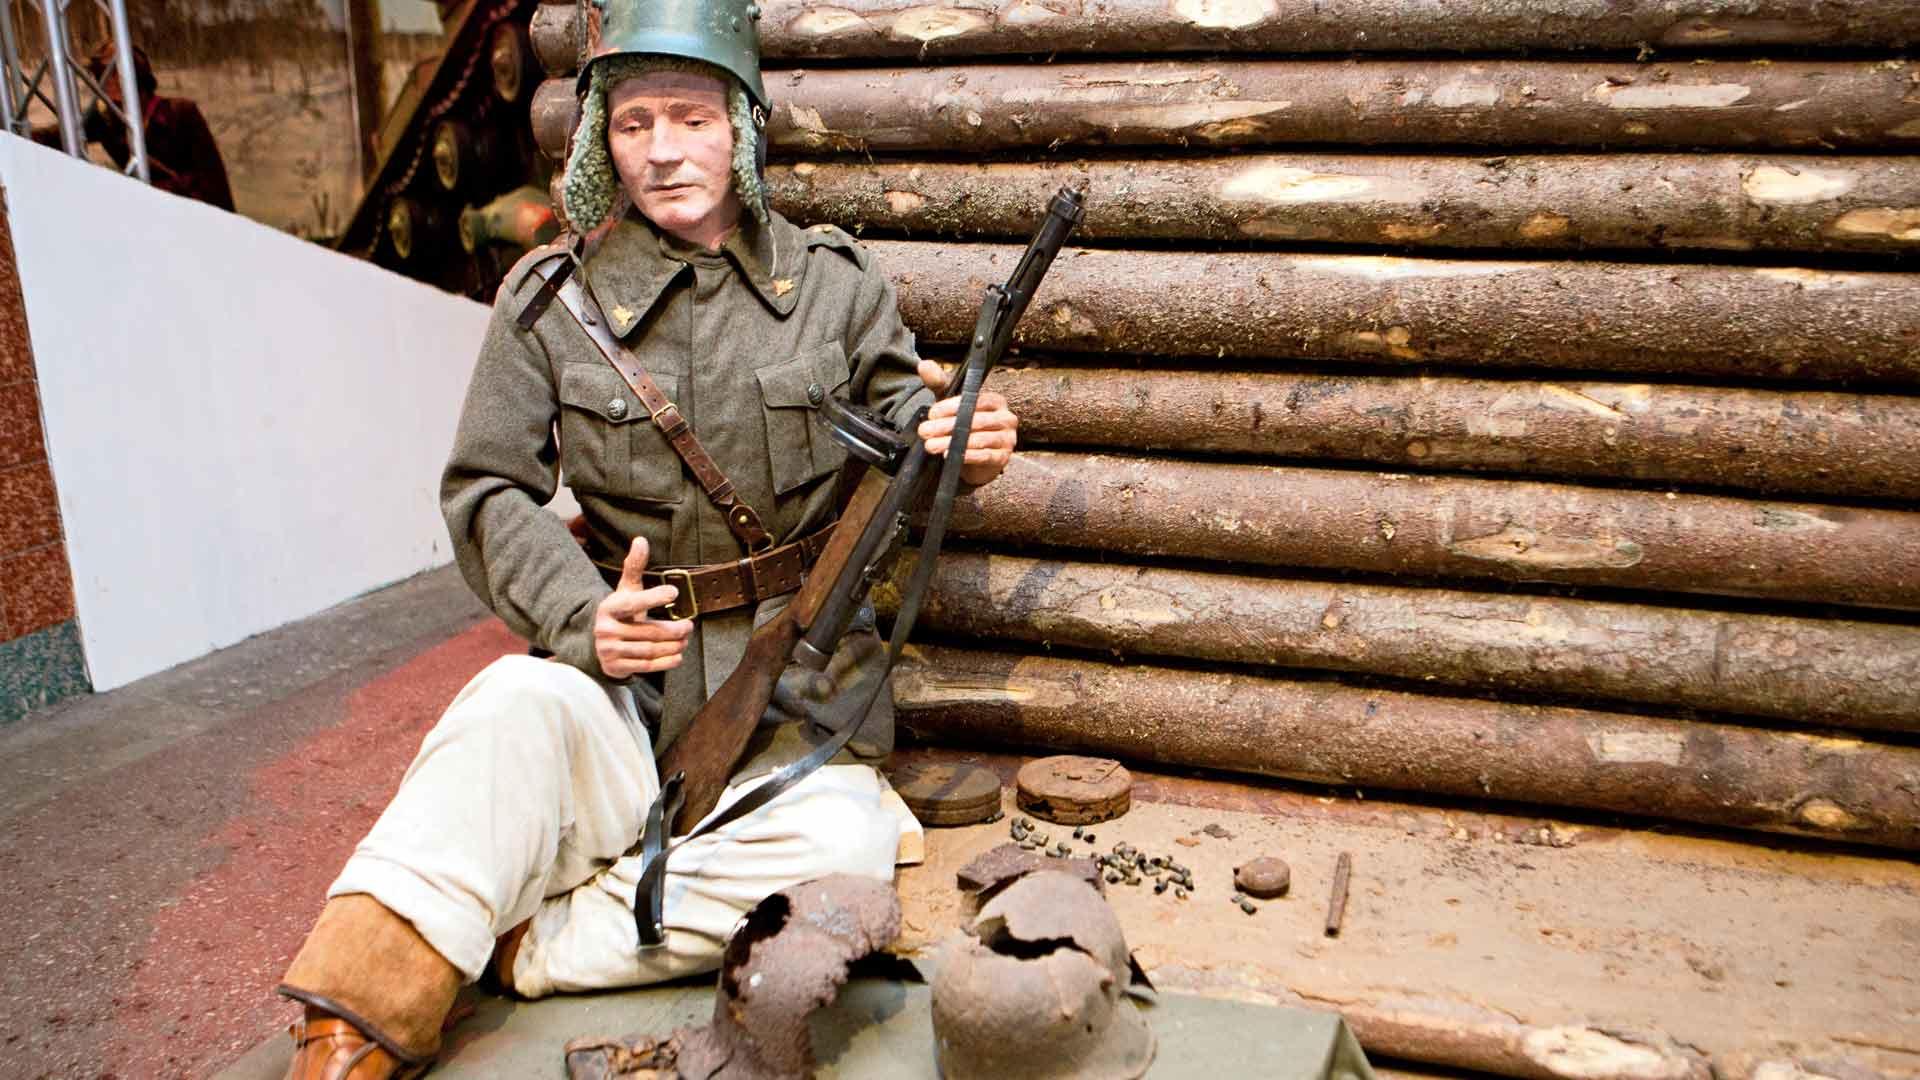 Suomalaisen sotilaan varustus